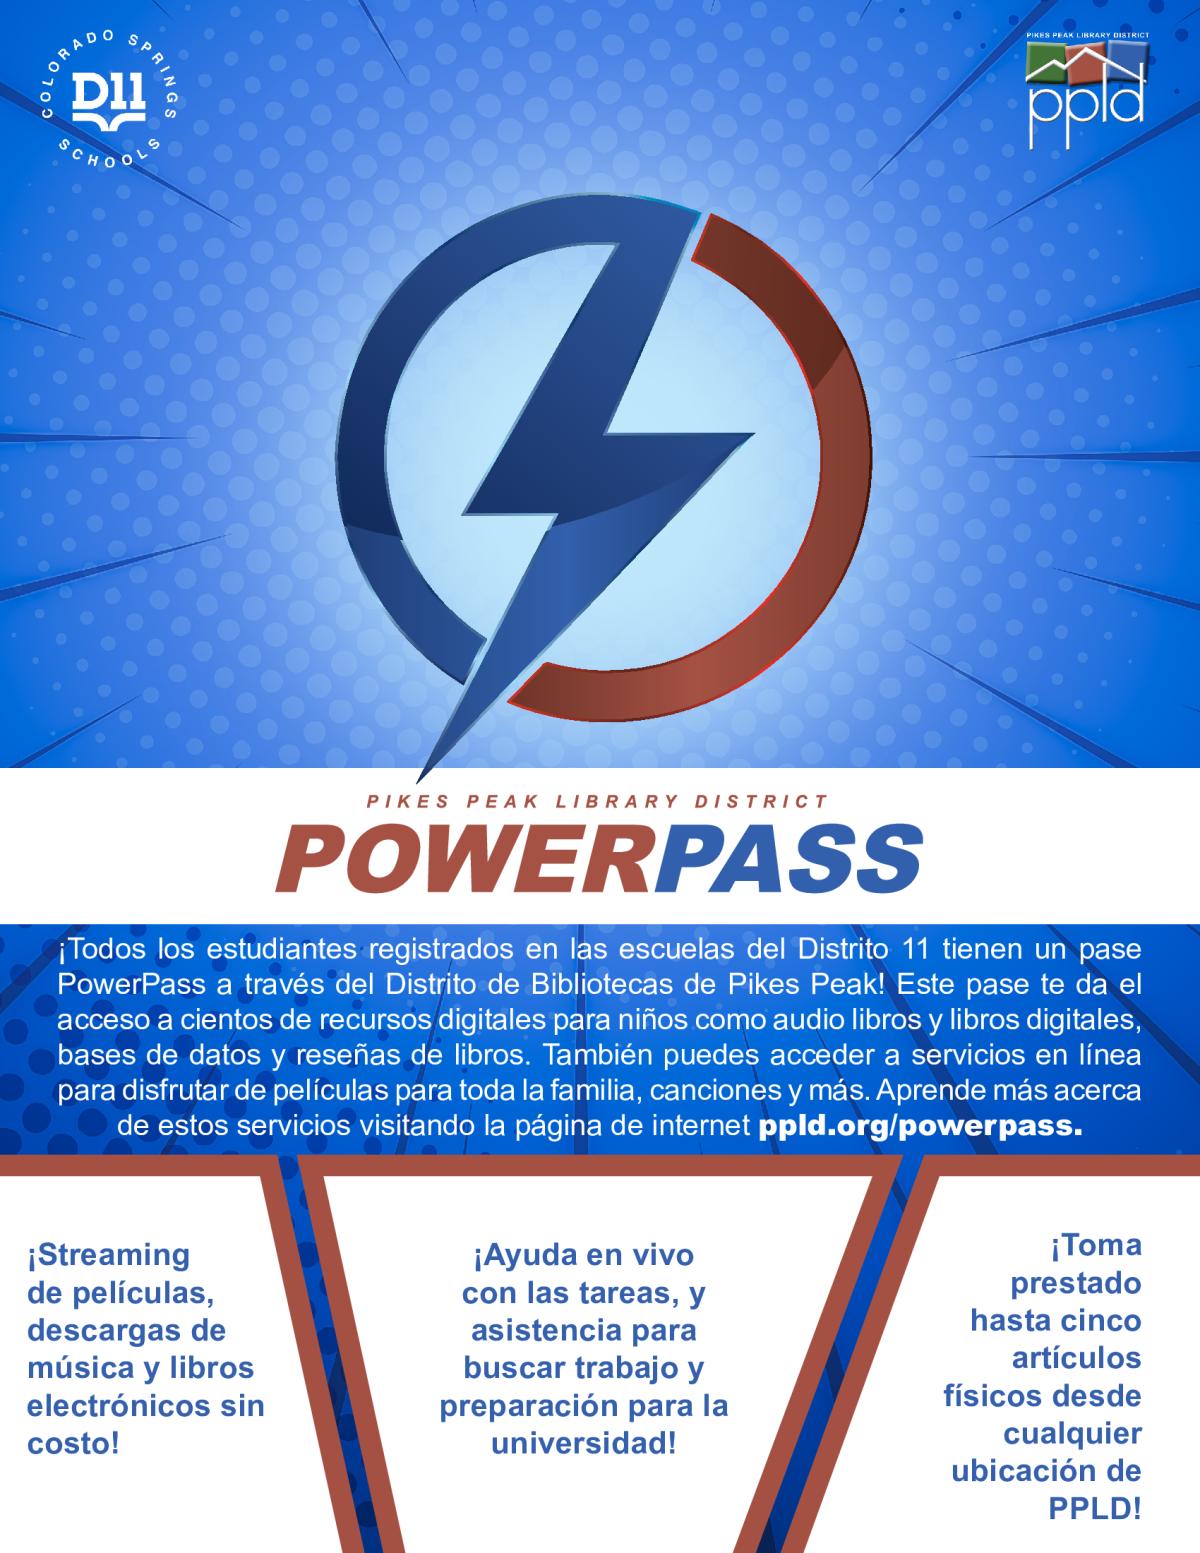 D11/PPLD Power Pass